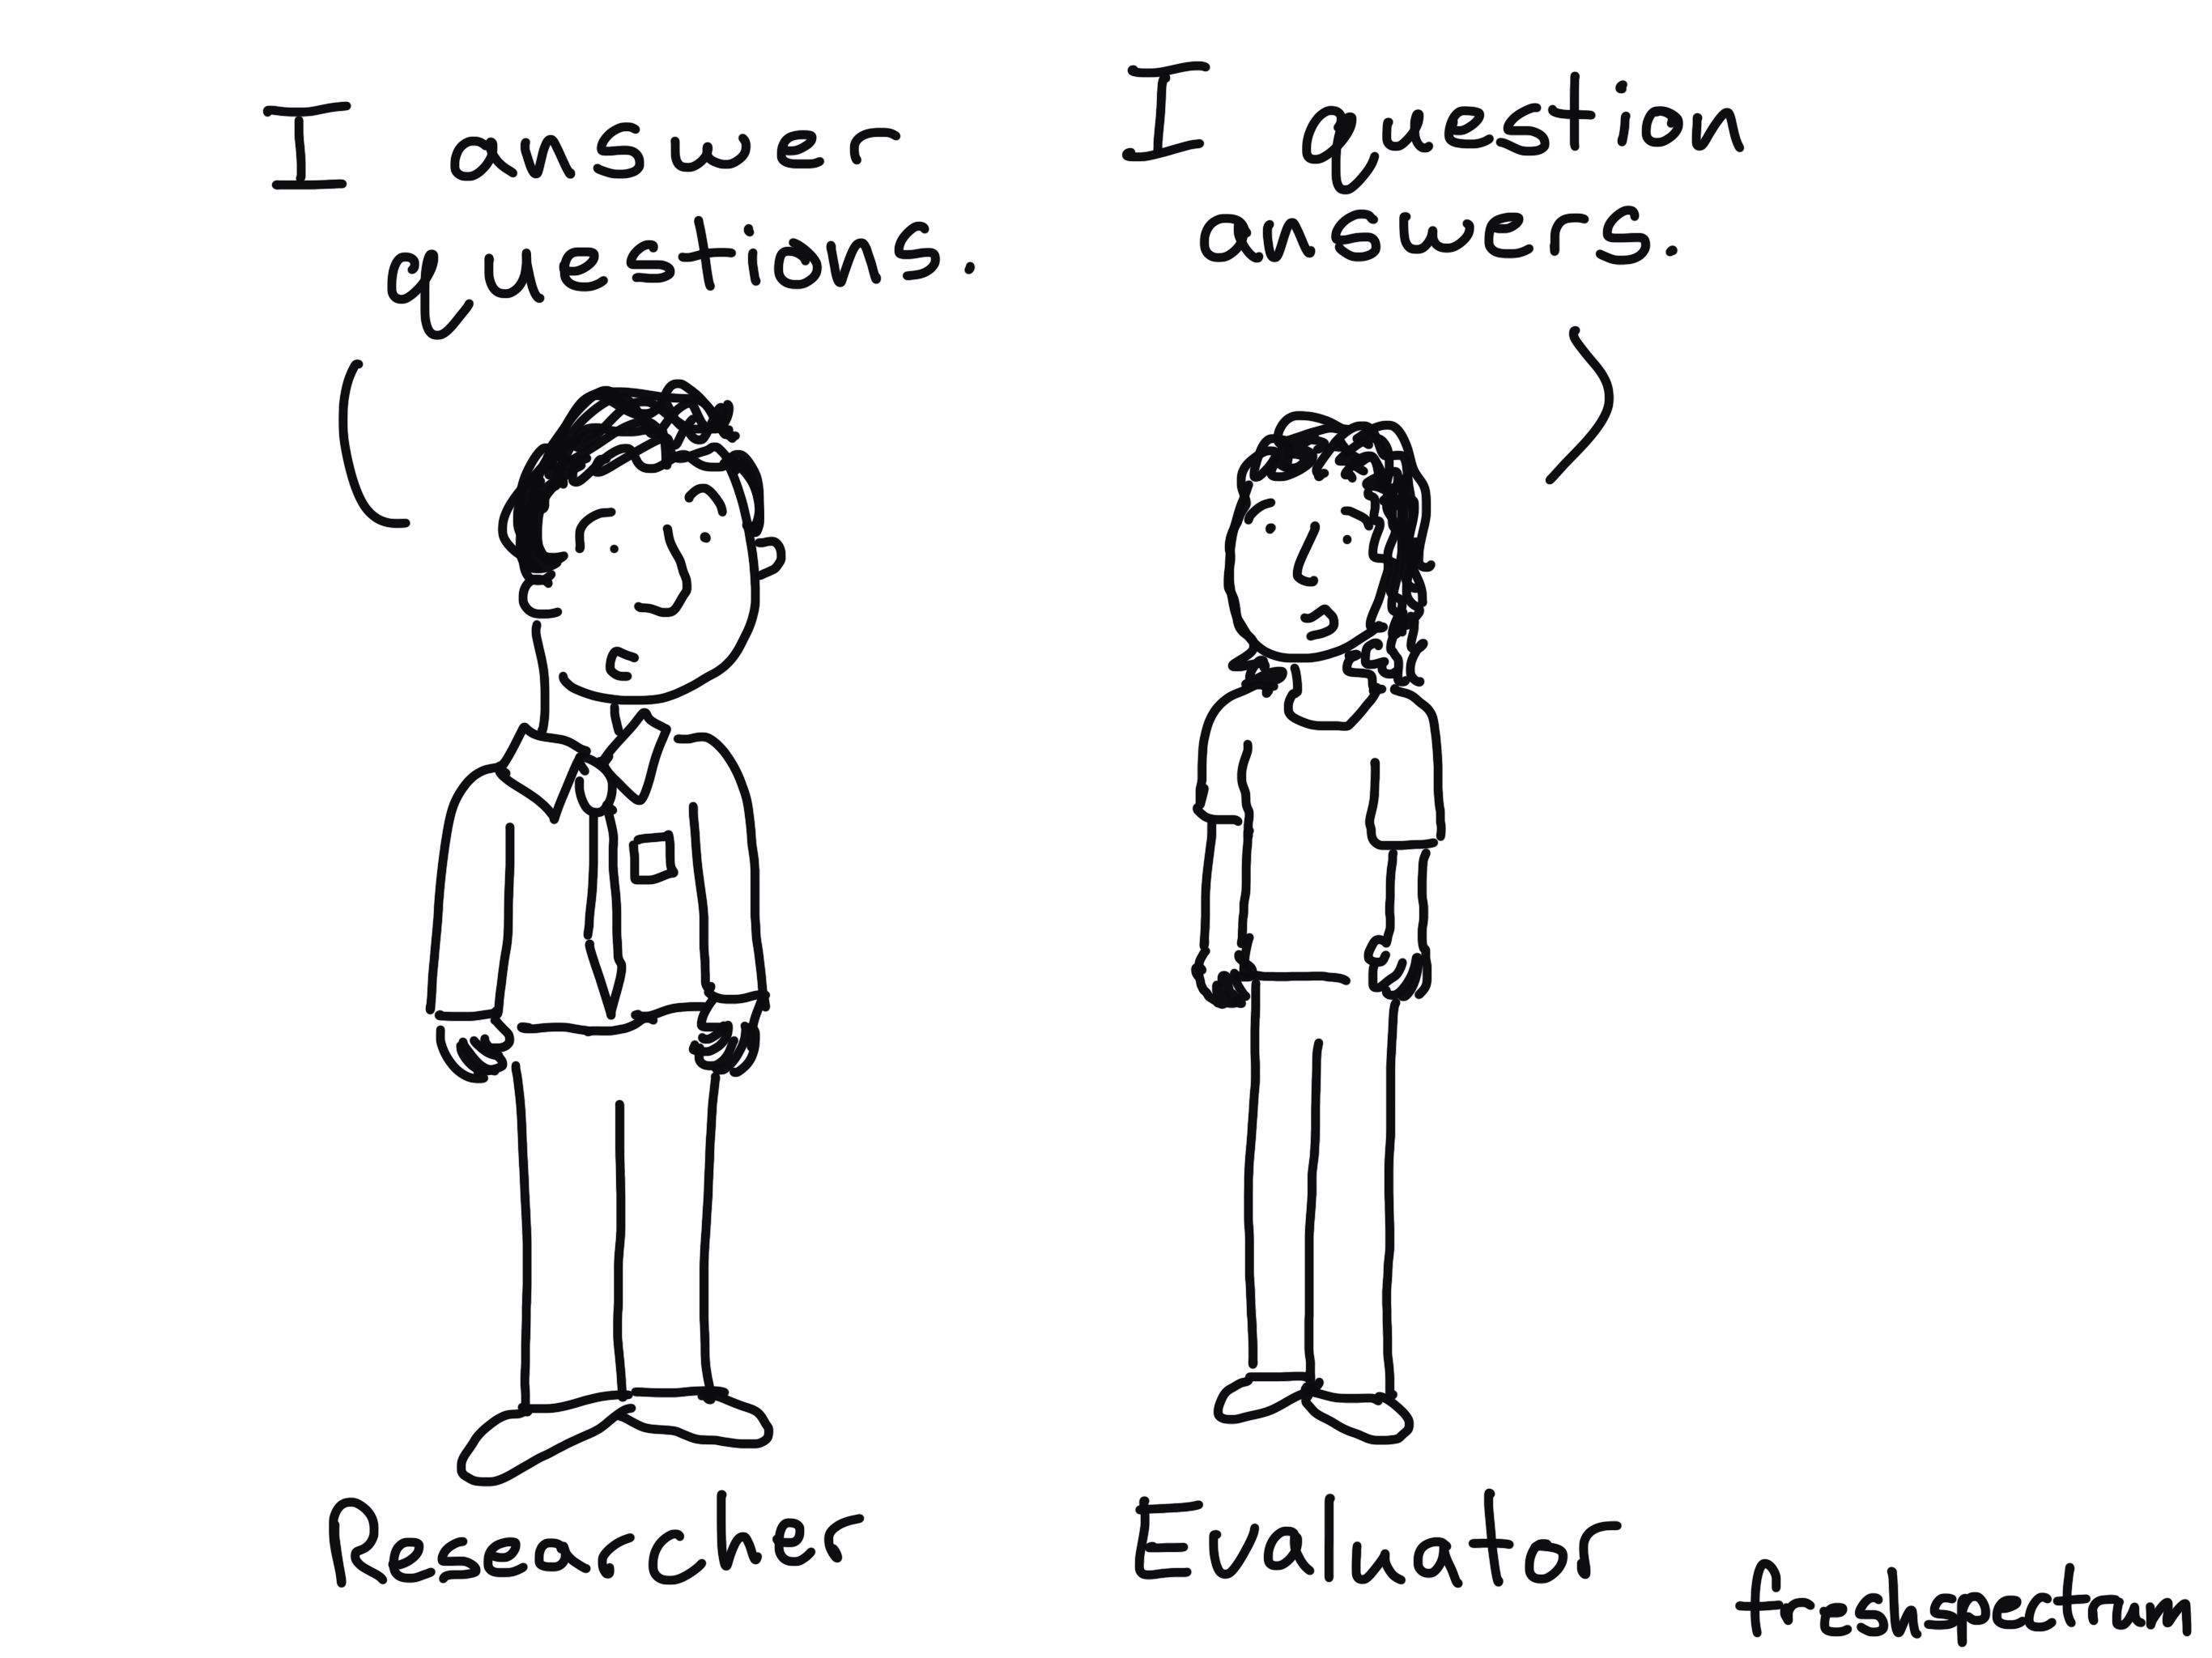 Evaluation is a dangerous profession.